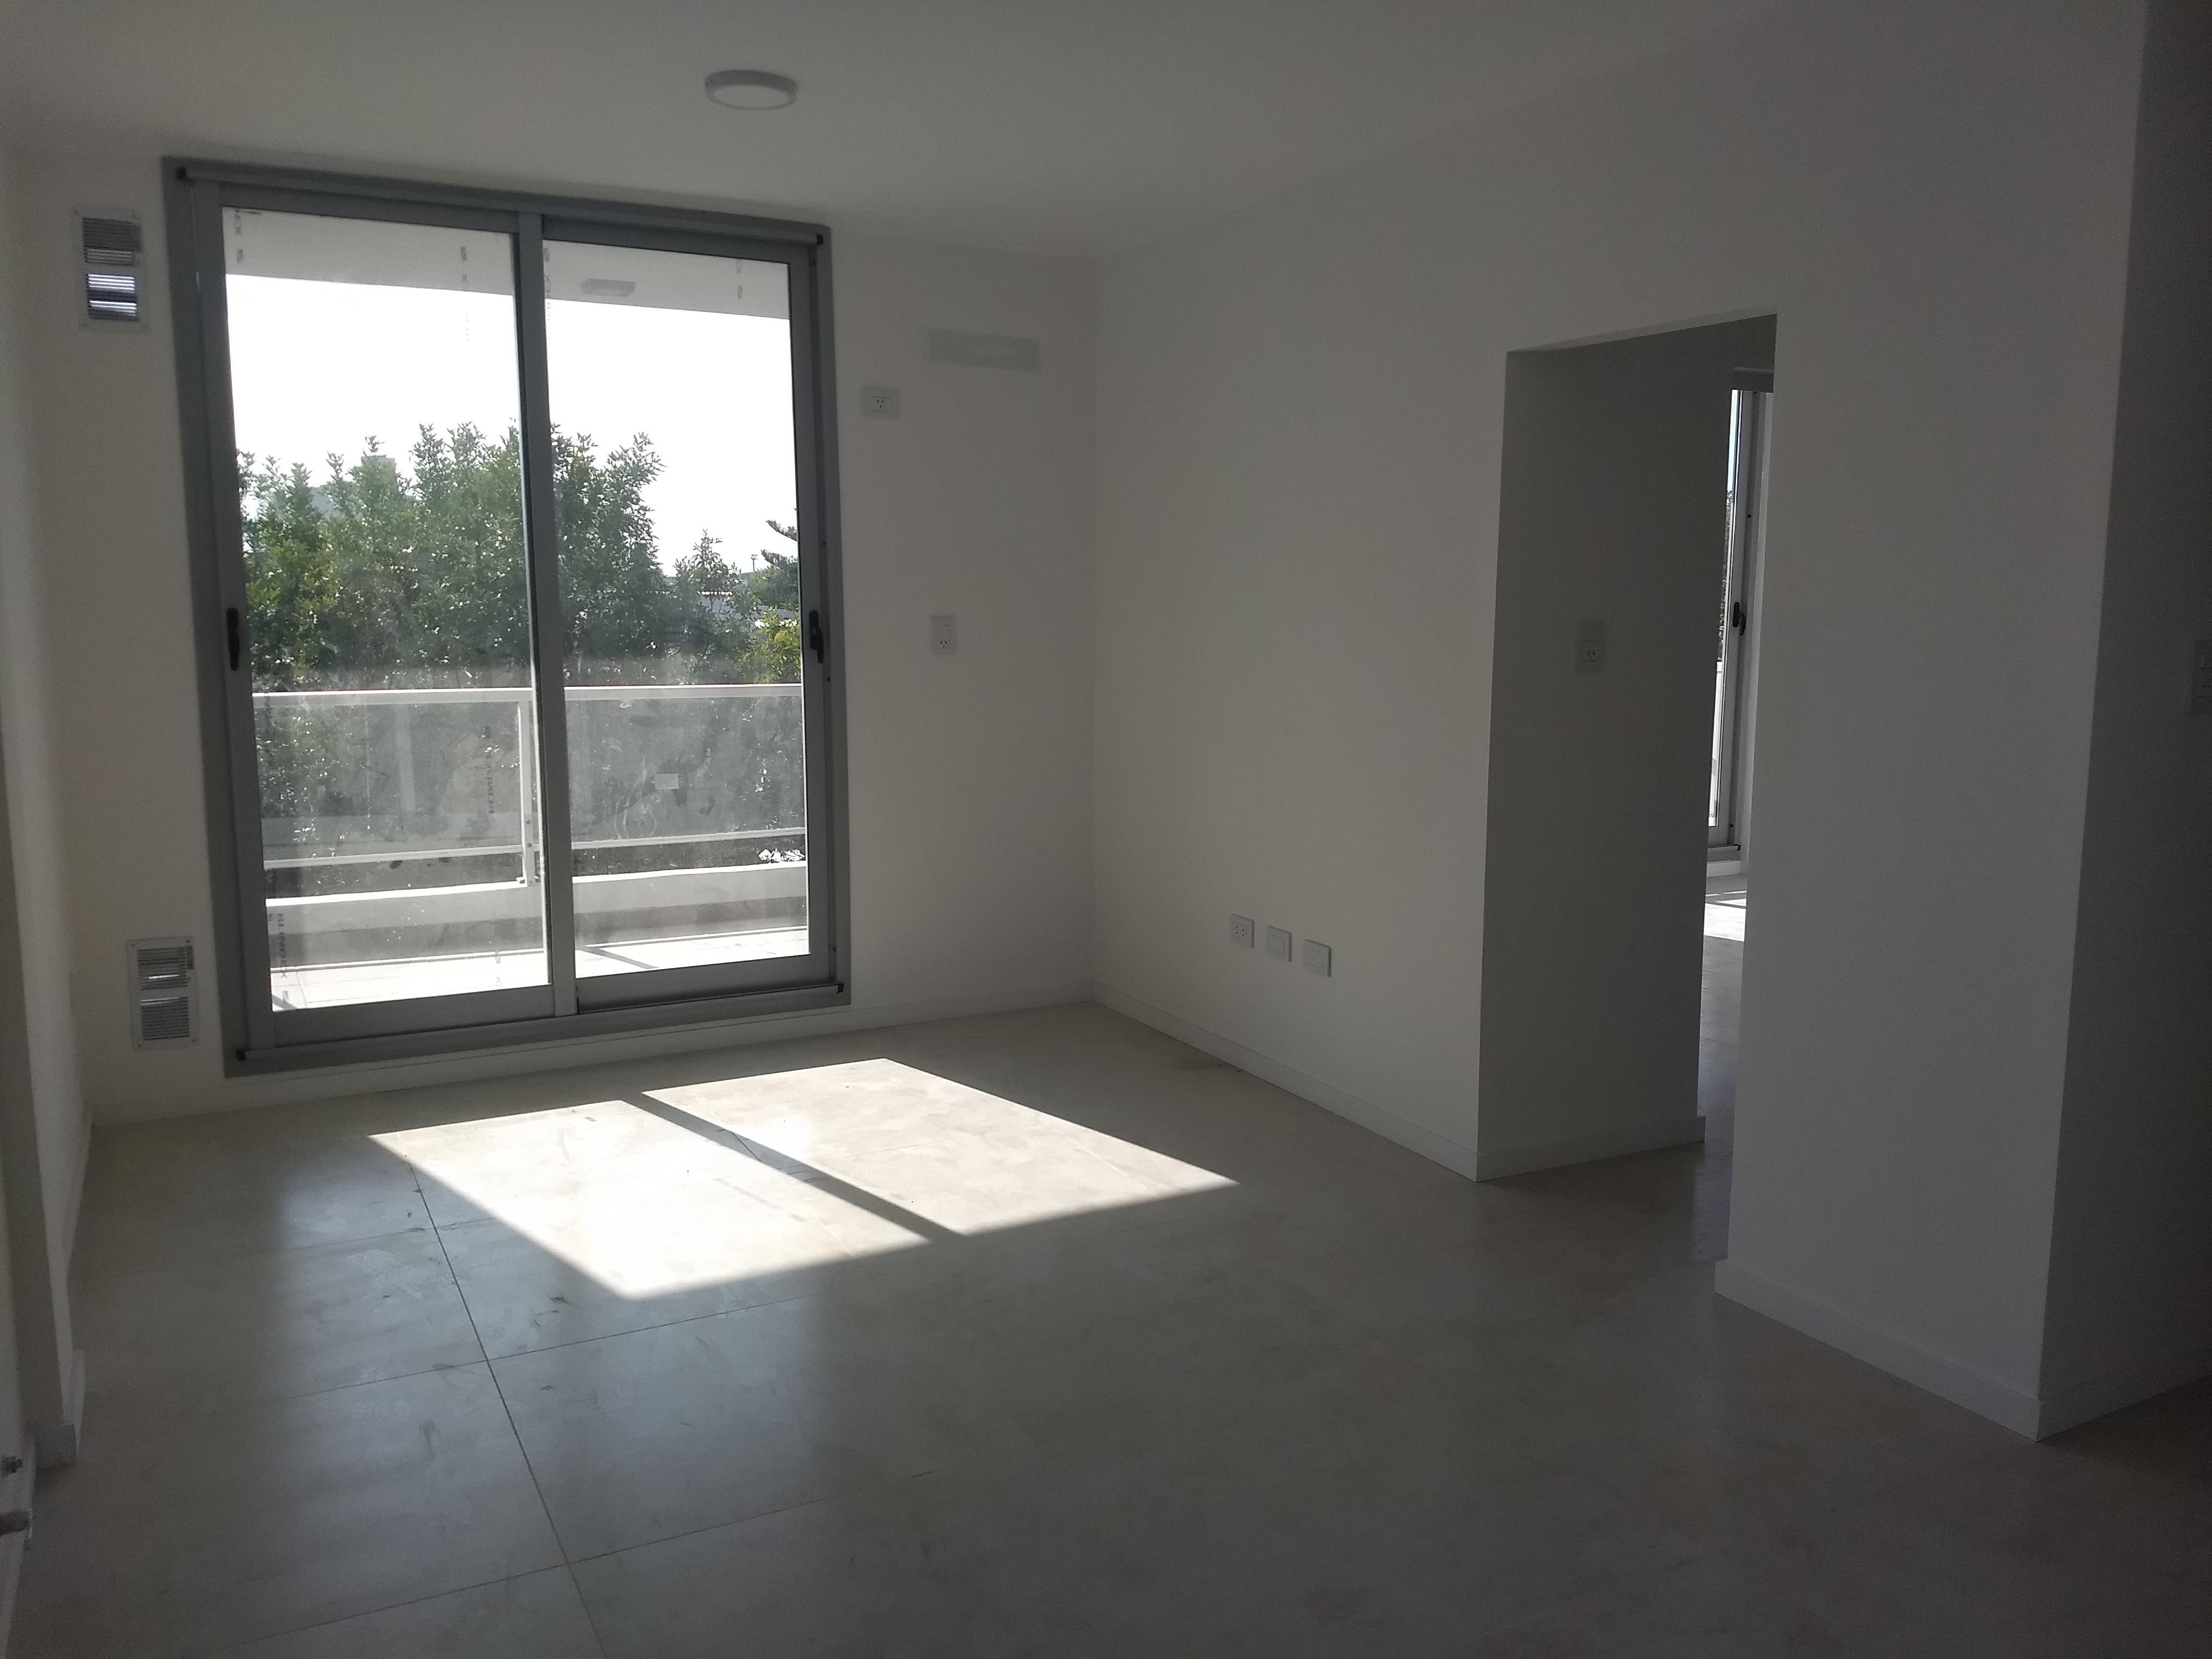 Maipú y Arenales 2º Dpto. 2 - Gaggiotti Inmobiliaria cuenta con más de 50 años desde que se inicio en el negocio de los servicios inmobiliarios.